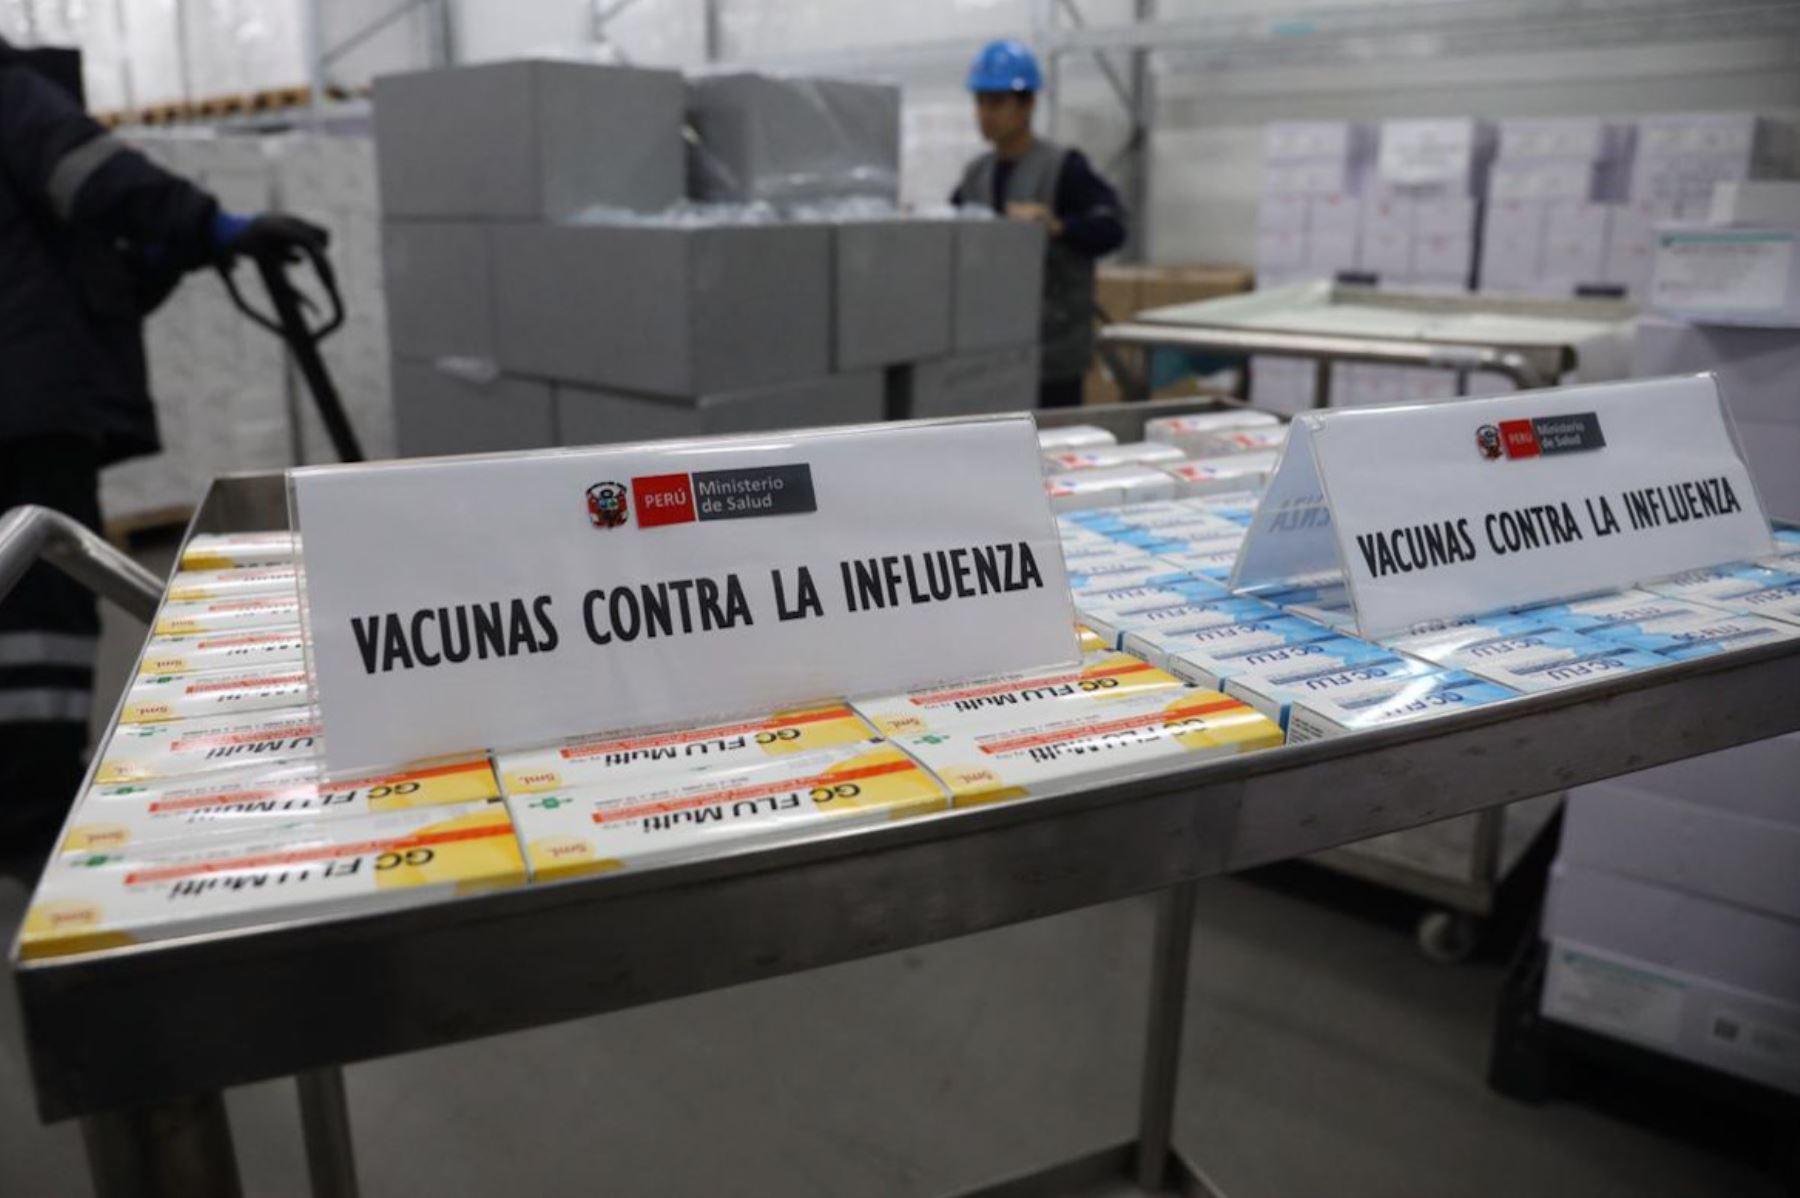 El Ministerio de Salud (Minsa) empezó la distribución de dos millones de vacunas contra la Influenza a los más de 8,000 establecimientos de salud del país, como una medida de protección para la temporada de heladas y friaje.